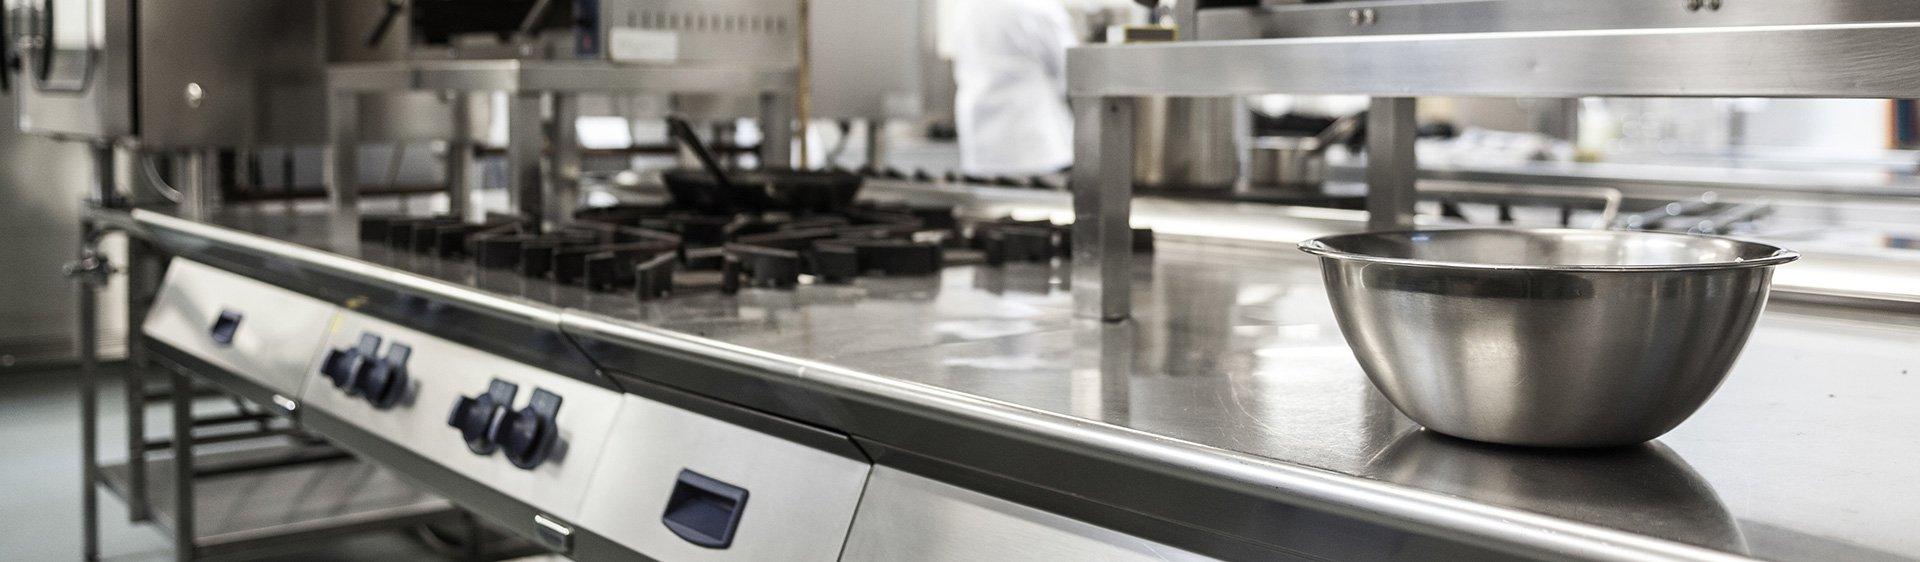 Szeroki asortyment części do AGD oraz dla gastronomii